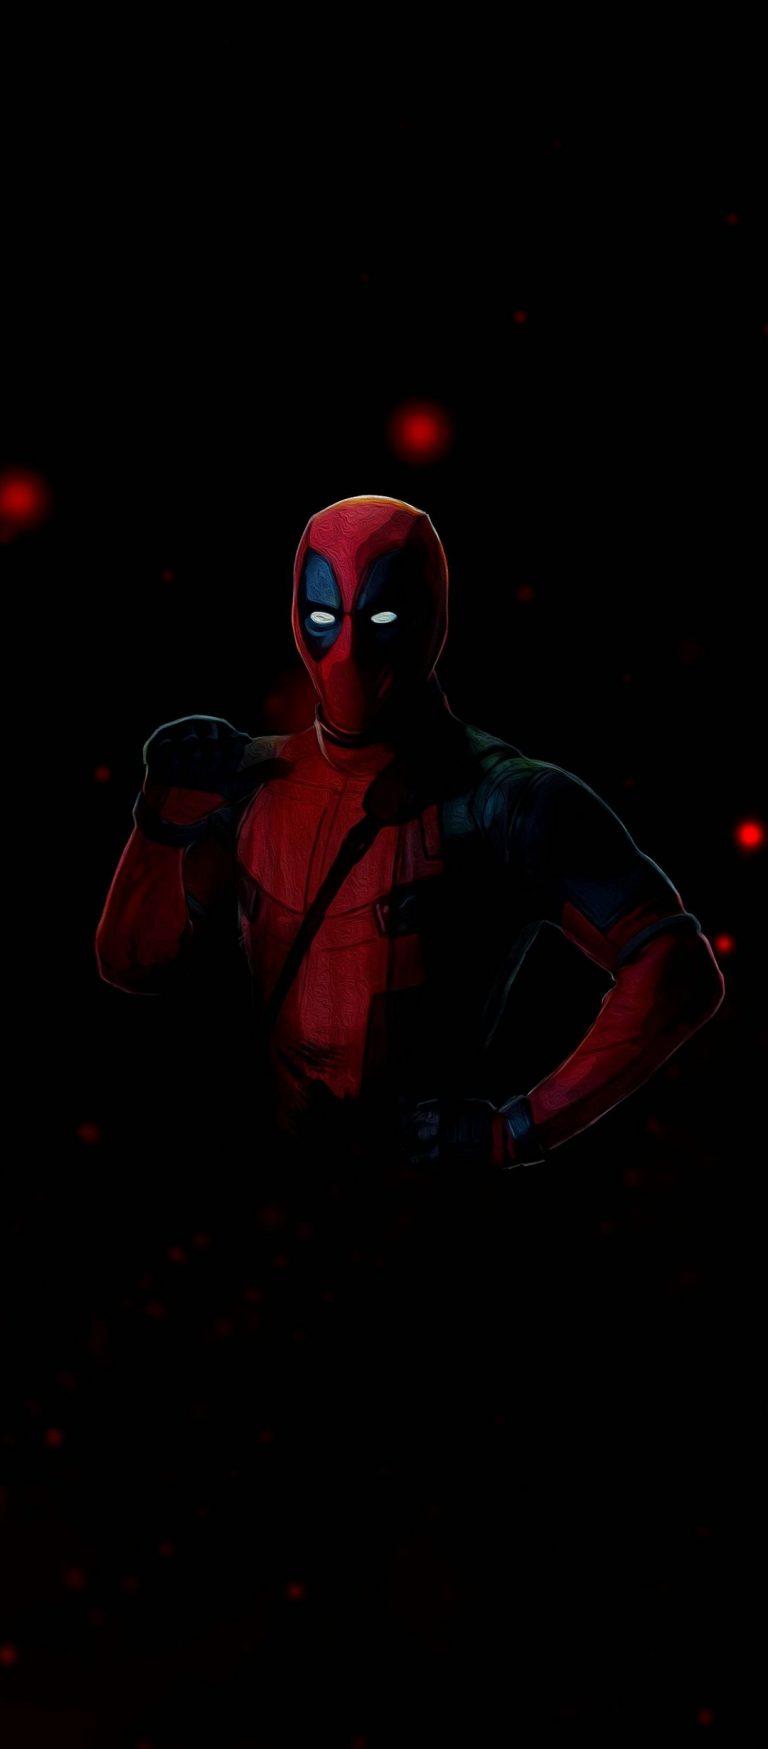 Dark Background Hero 1080x2460 768x1749